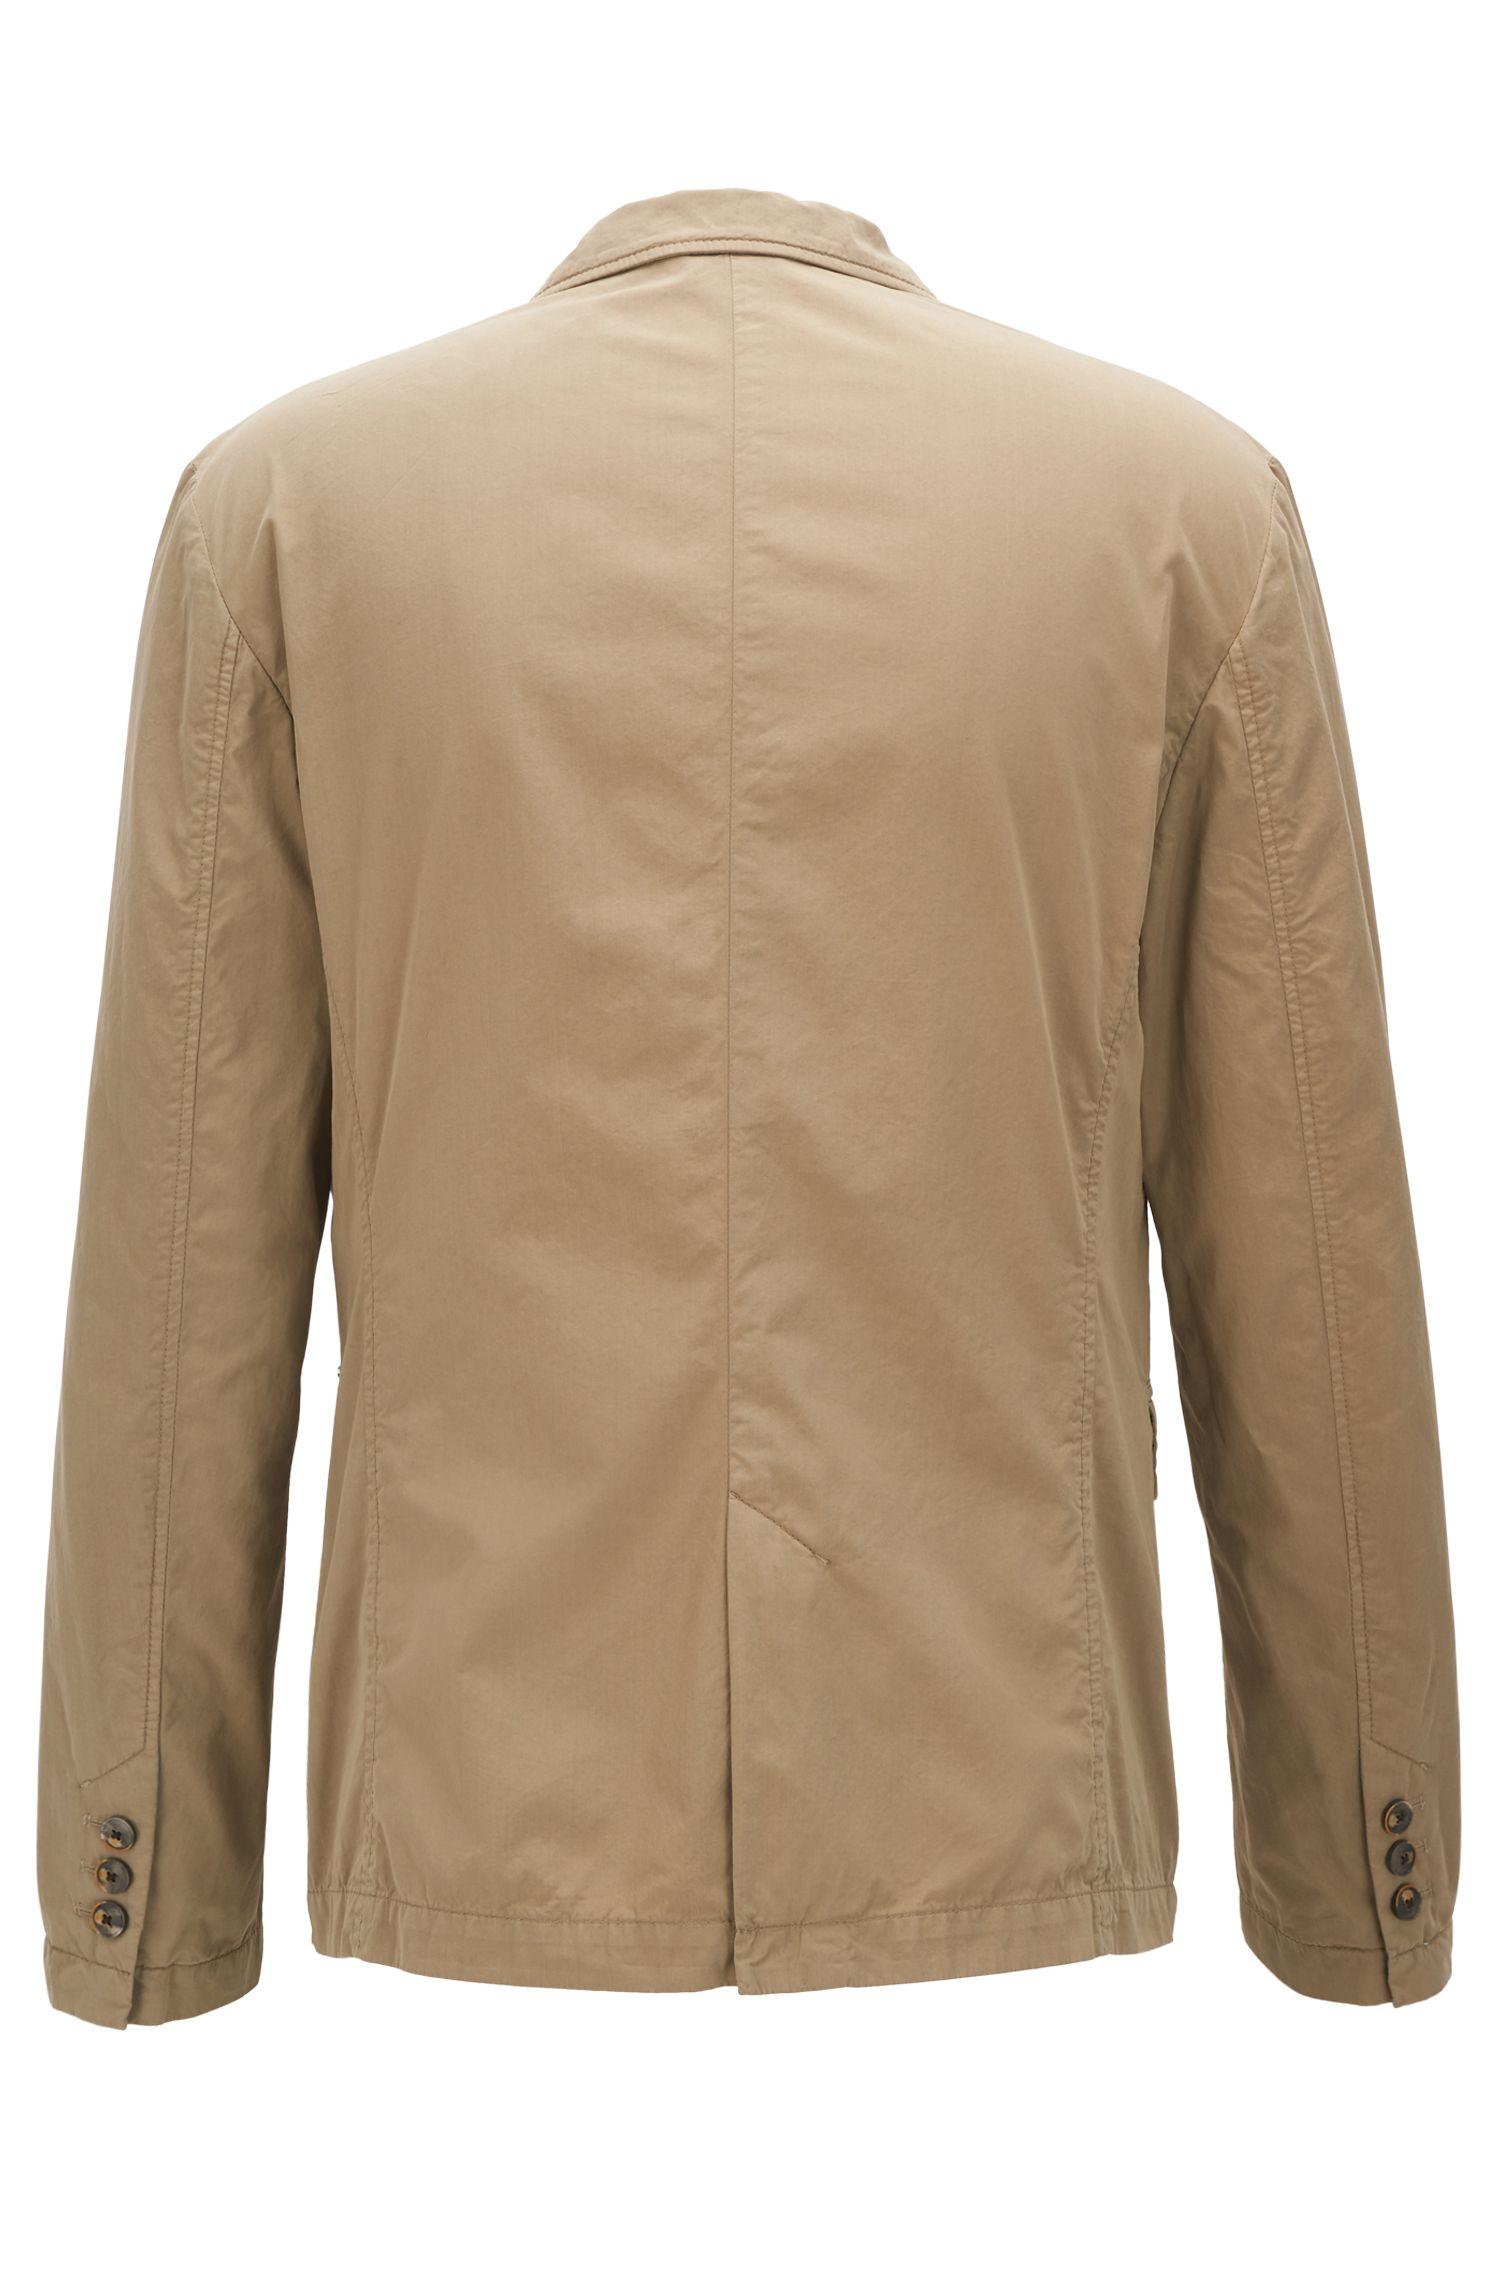 Slim-fit blazer in lightweight Italian cotton